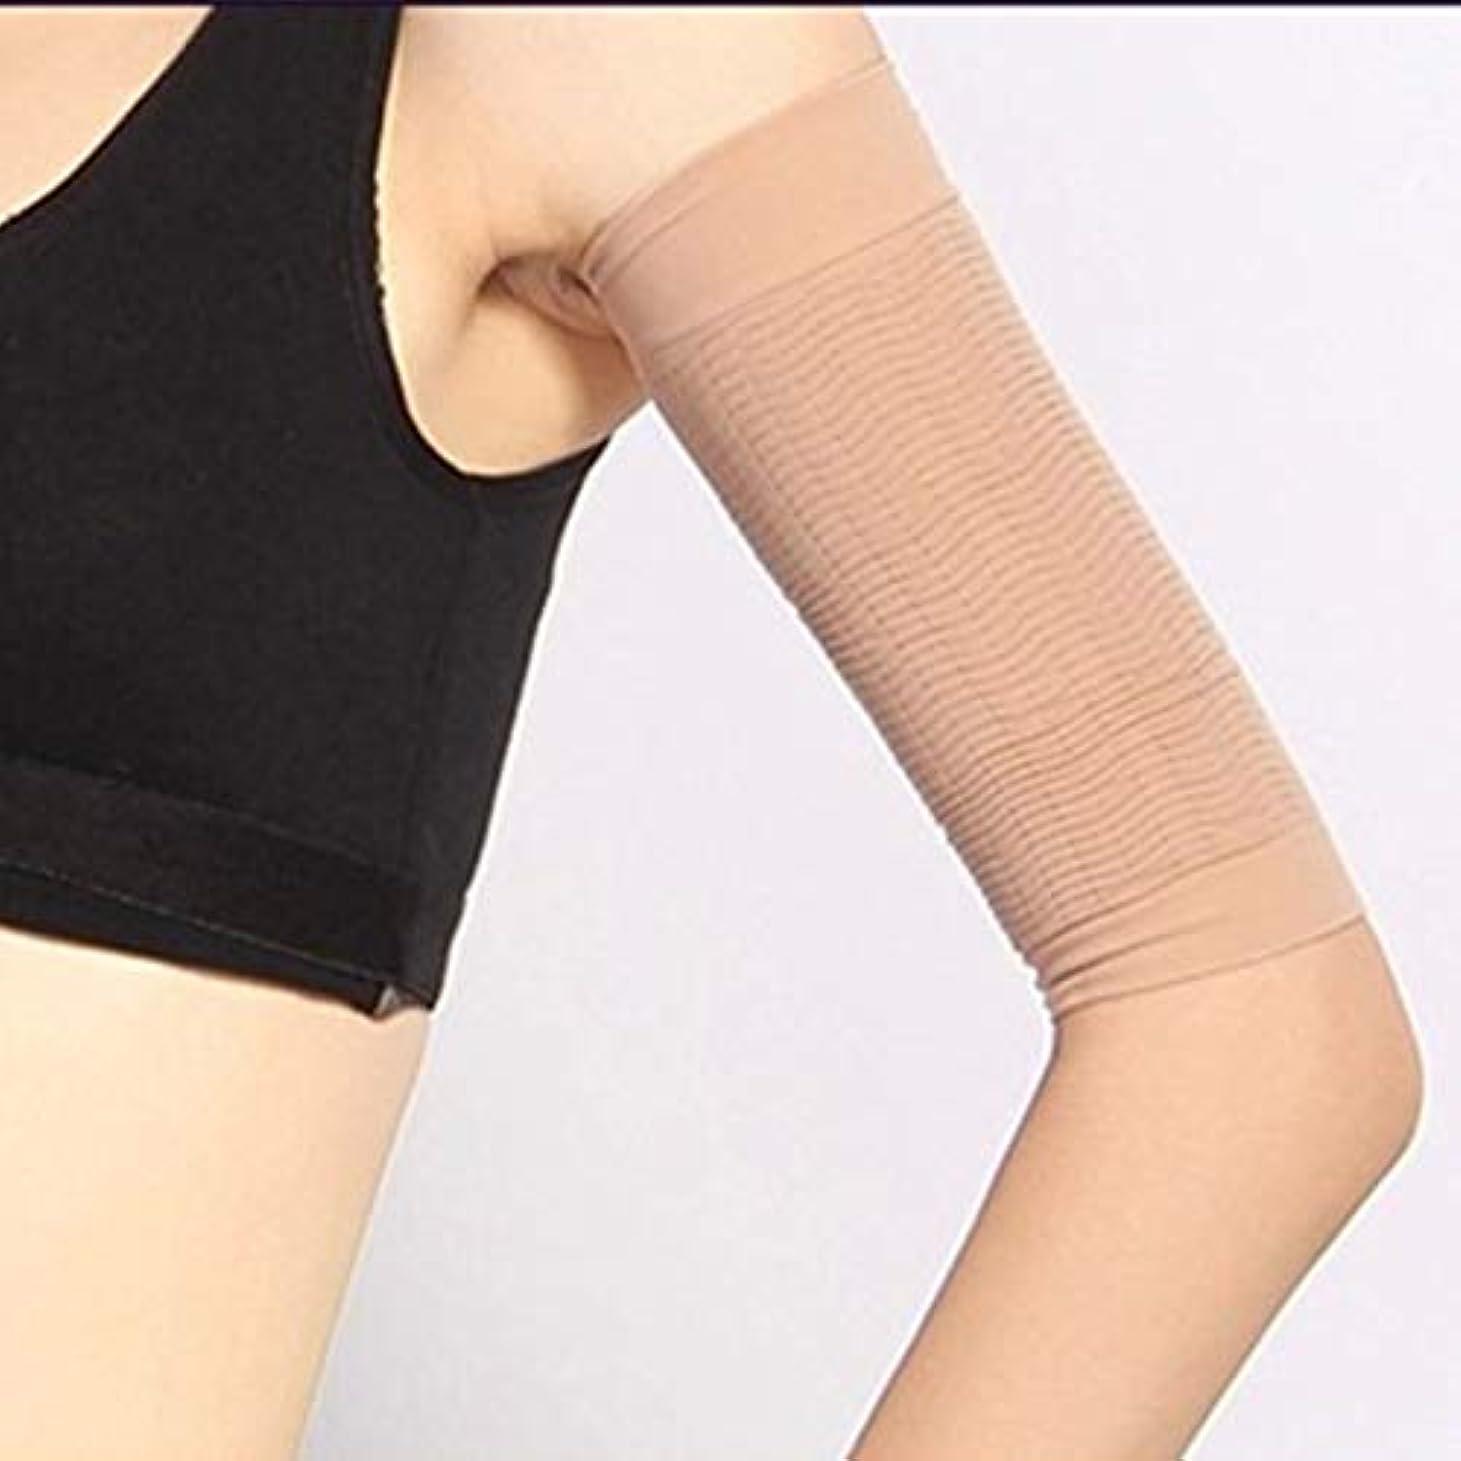 ワームカビガロン1ペア420 D圧縮痩身アームスリーブワークアウトトーニングバーンセルライトシェイパー脂肪燃焼袖用女性 - 肌色